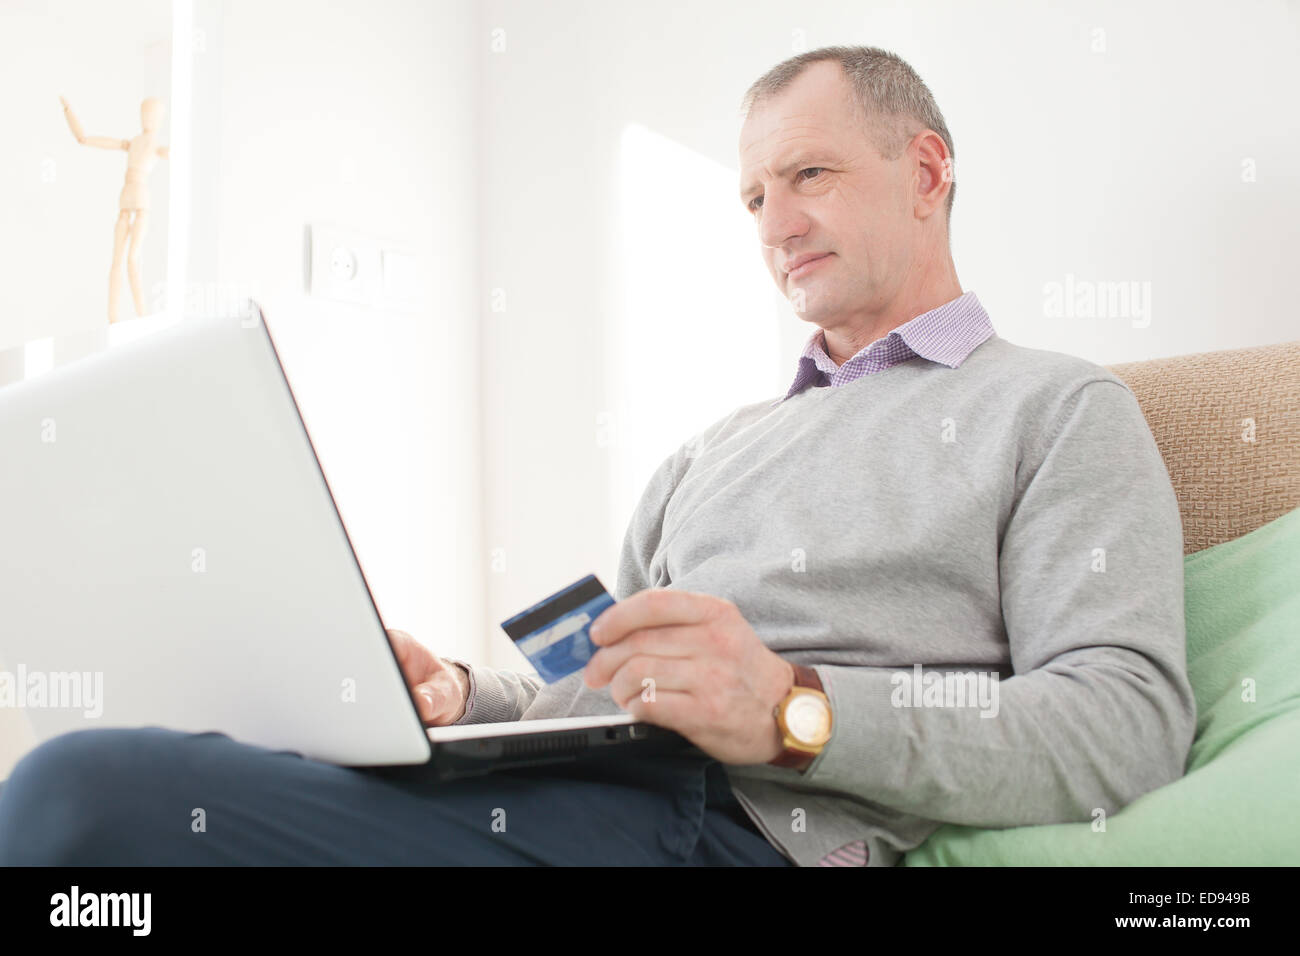 Adult man making online buying - Stock Image